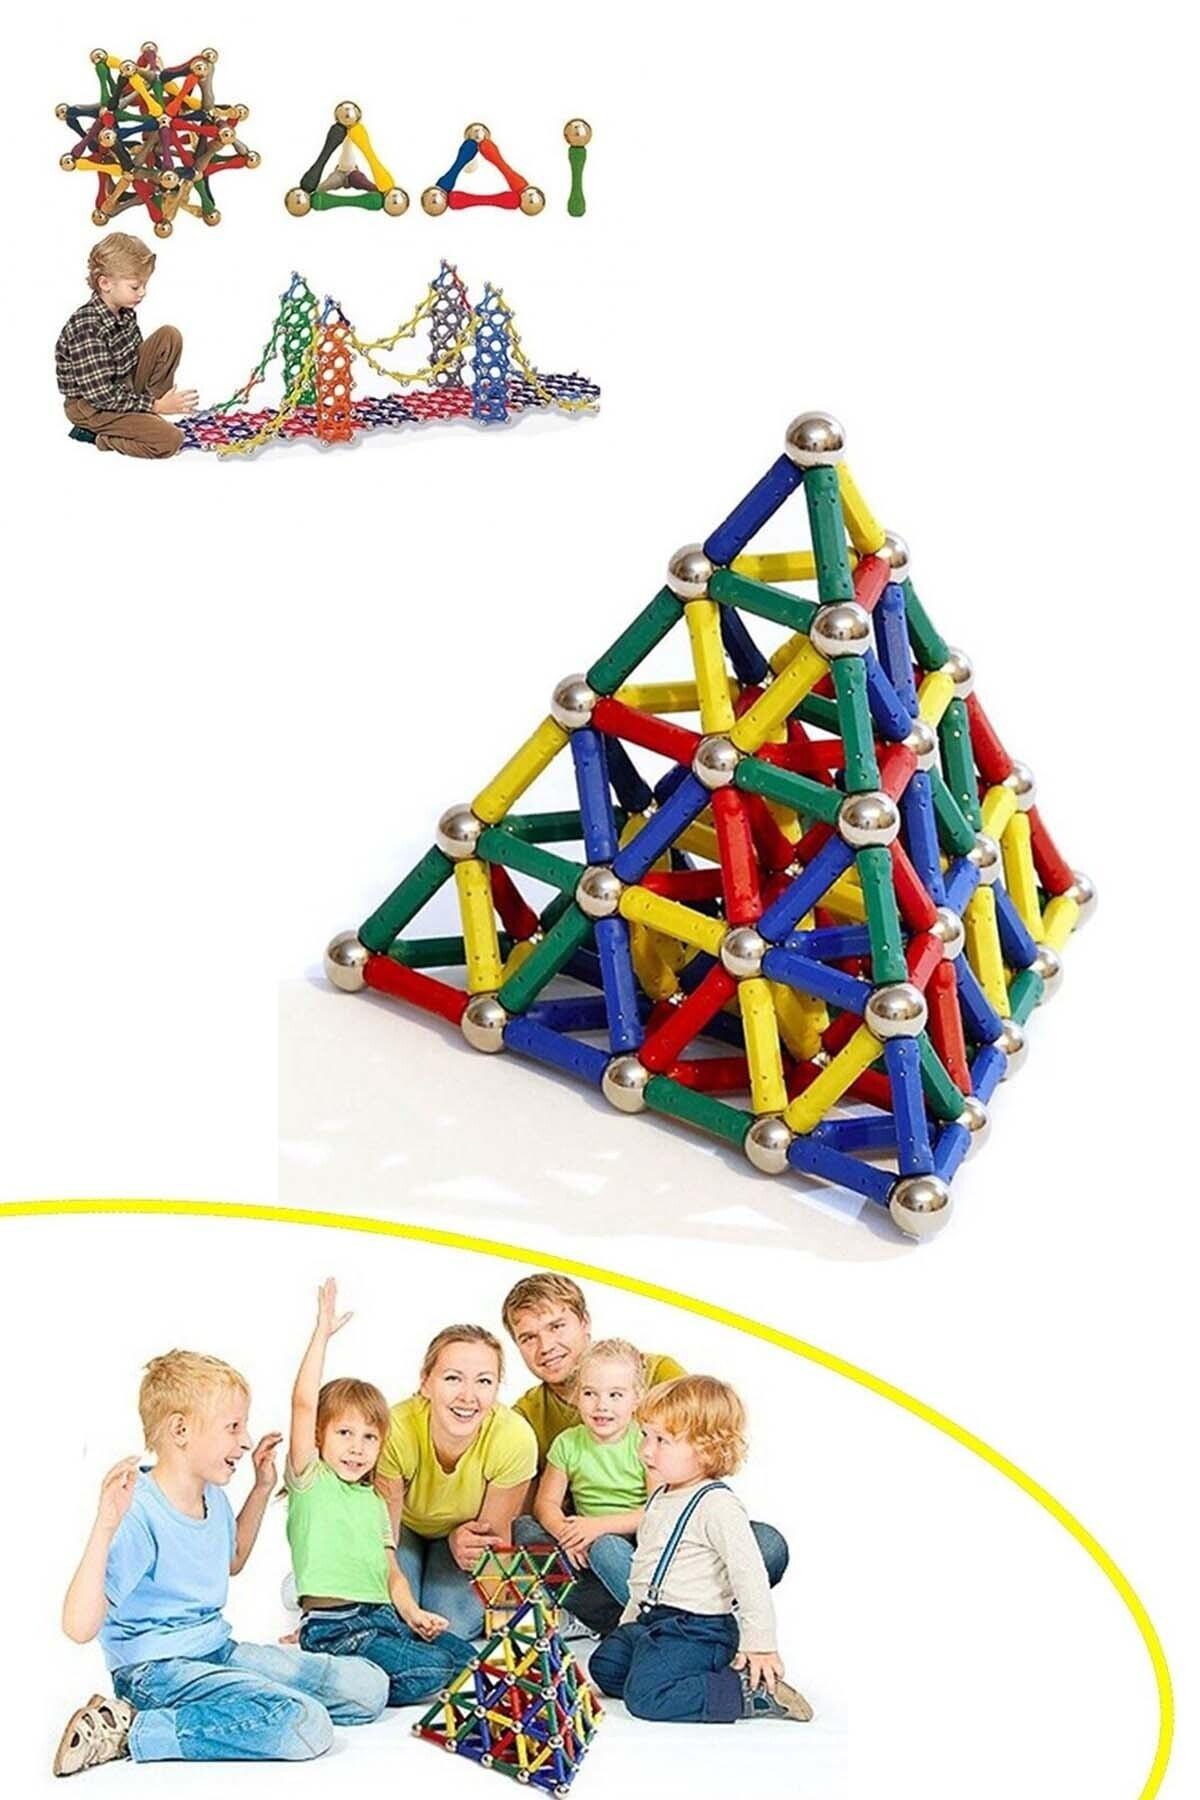 Mobee Manyetik Lego Mıknatıslı Denge Oyun Çubukları 37 Parça 2